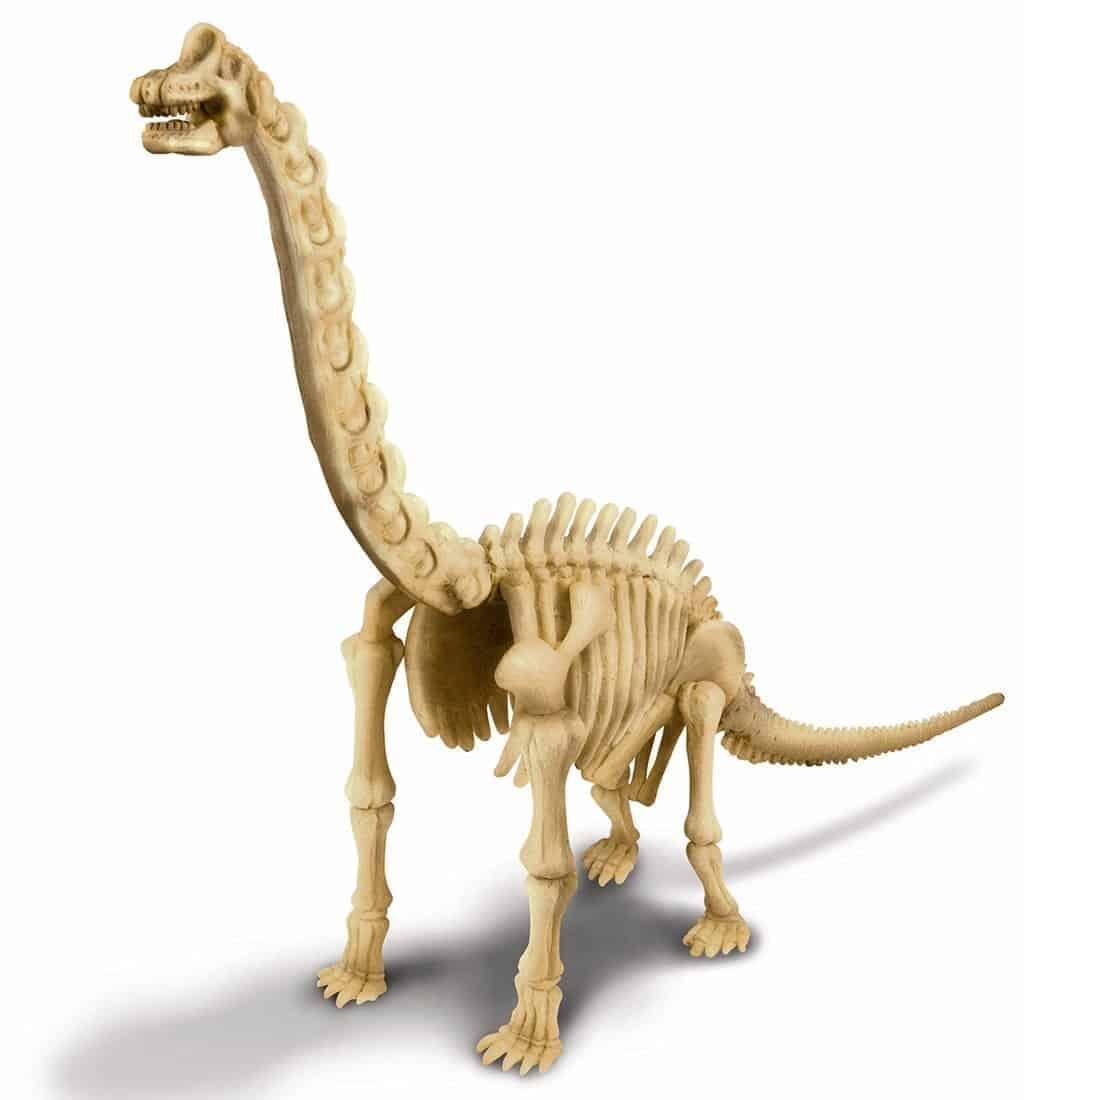 חפירת שלד דינוזאור ברכיוזאורוס מורכב